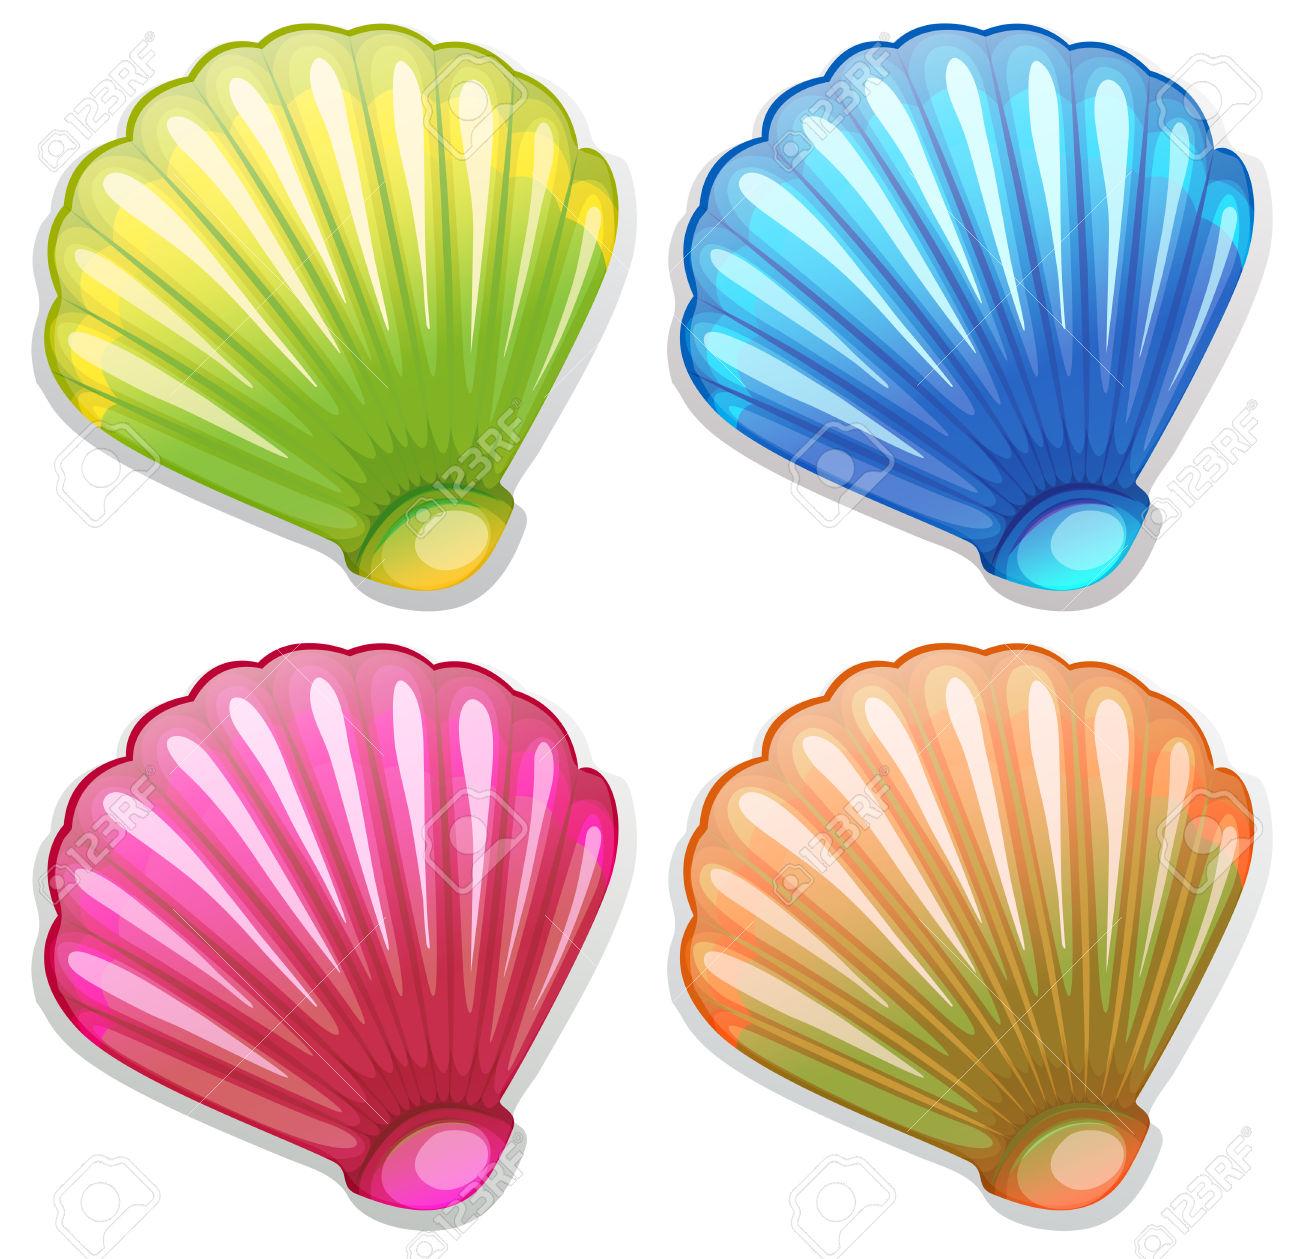 27+ Seashell Clipart Free.